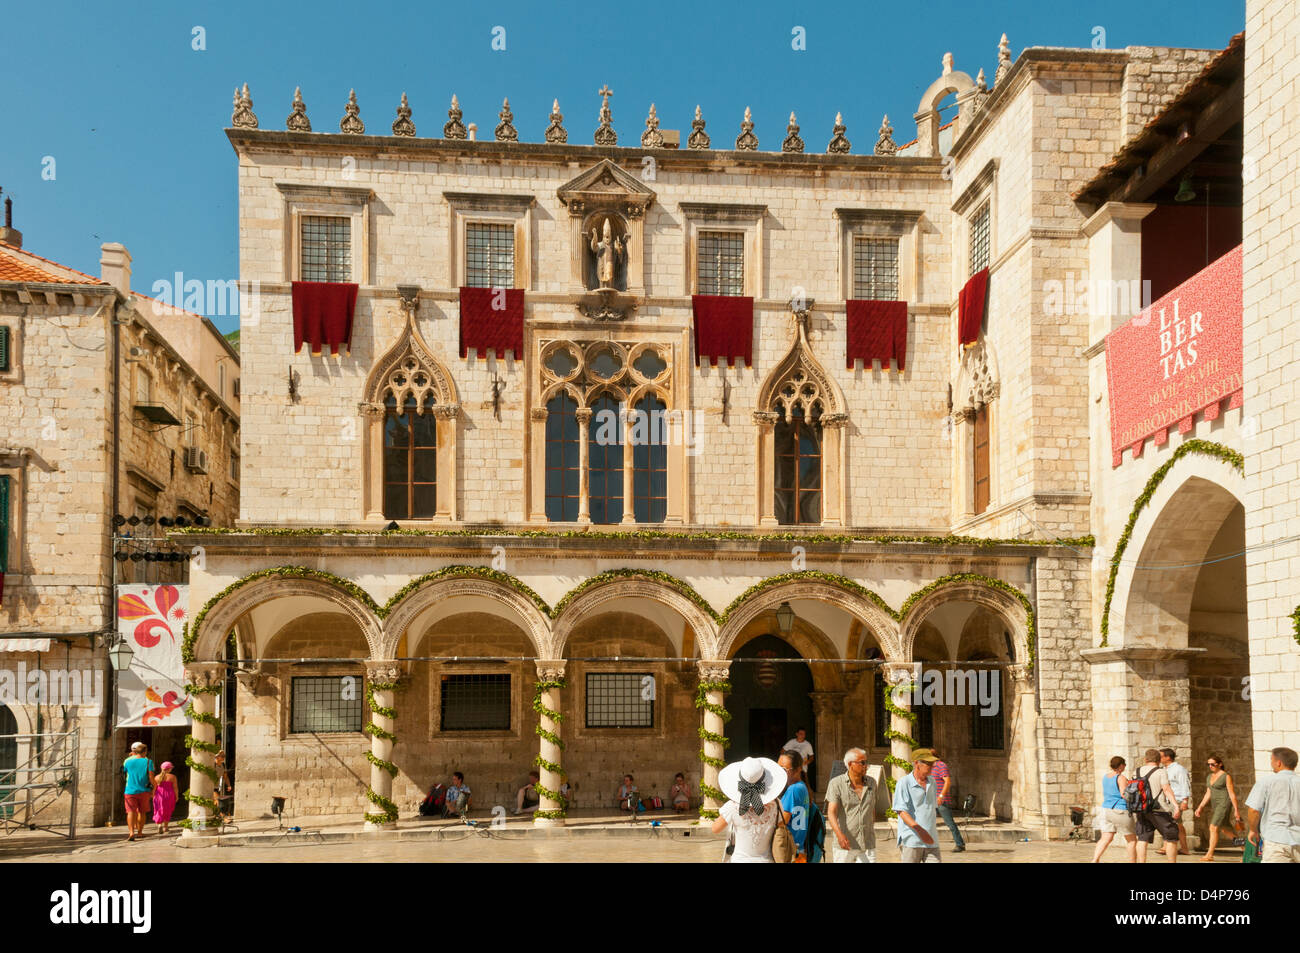 Sponza Palace, Dubrovnik, Croatia - Stock Image